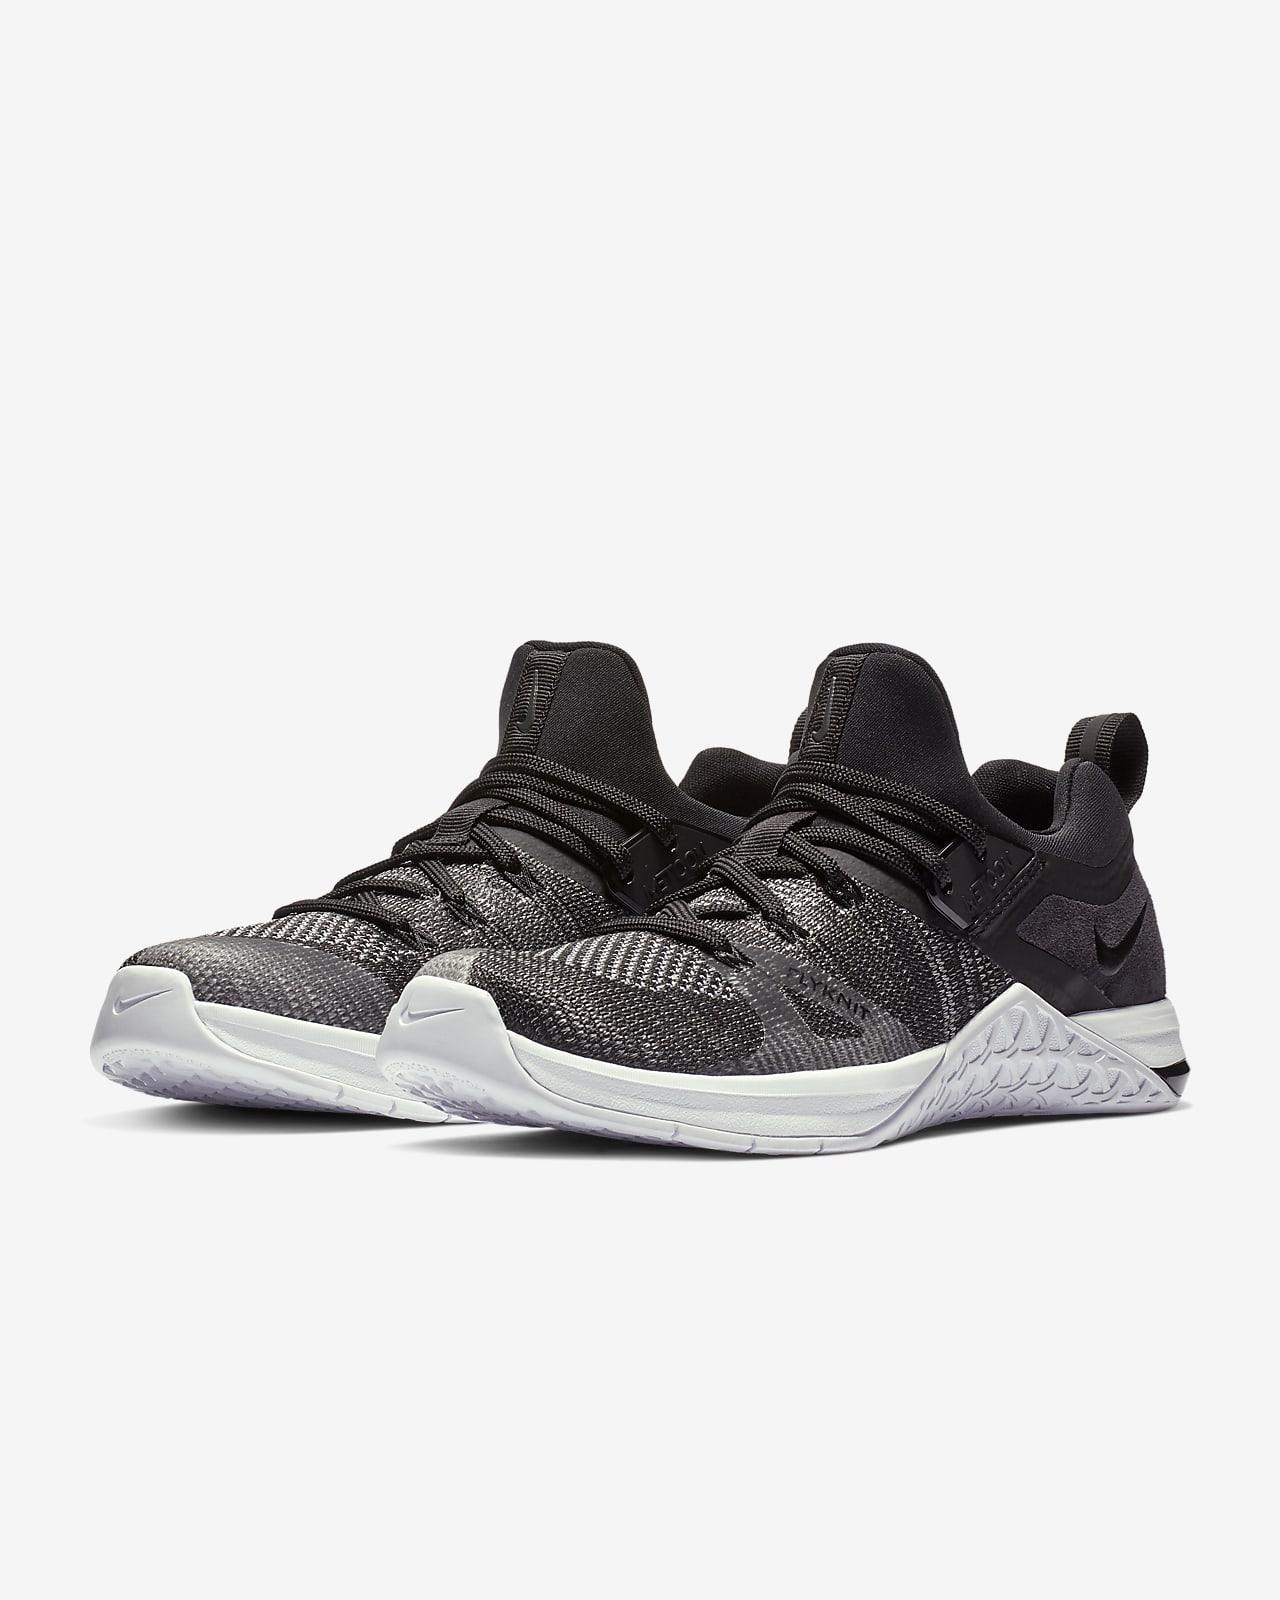 Chaussure de cross training et de renforcement musculaire Nike Metcon Flyknit 3 pour Femme